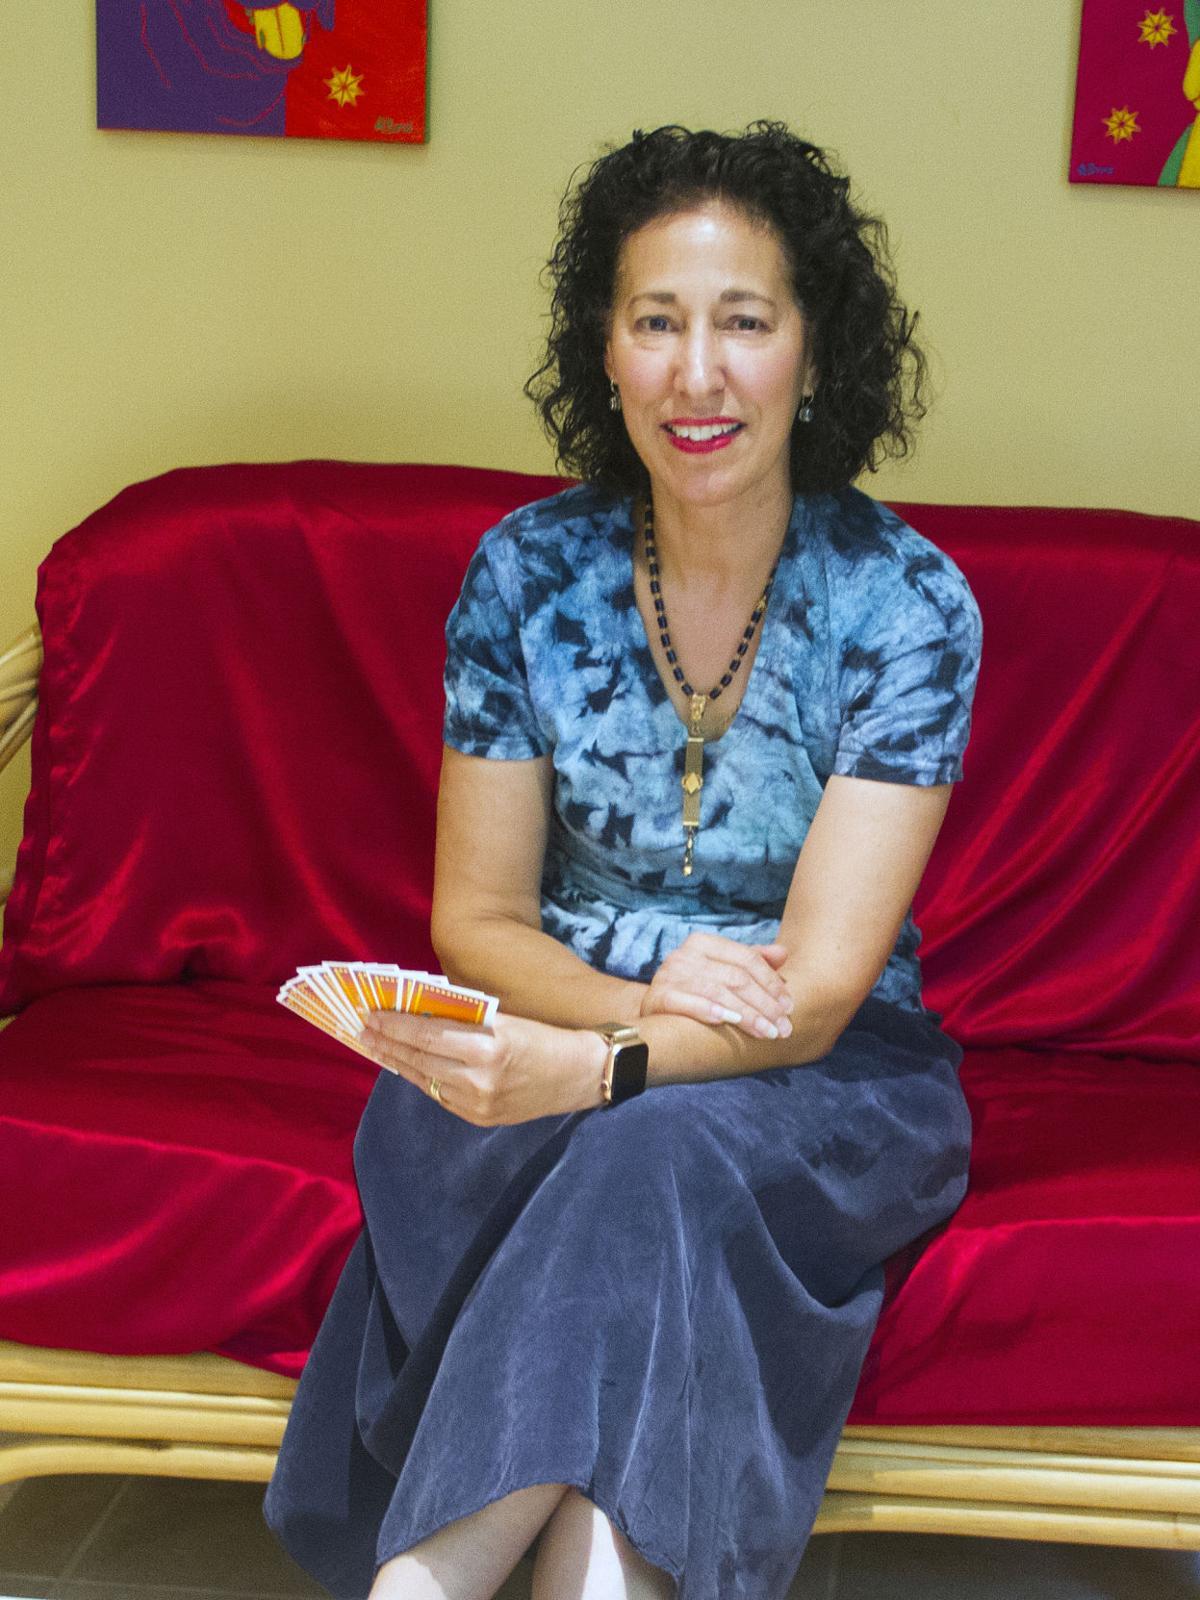 Faye Klein